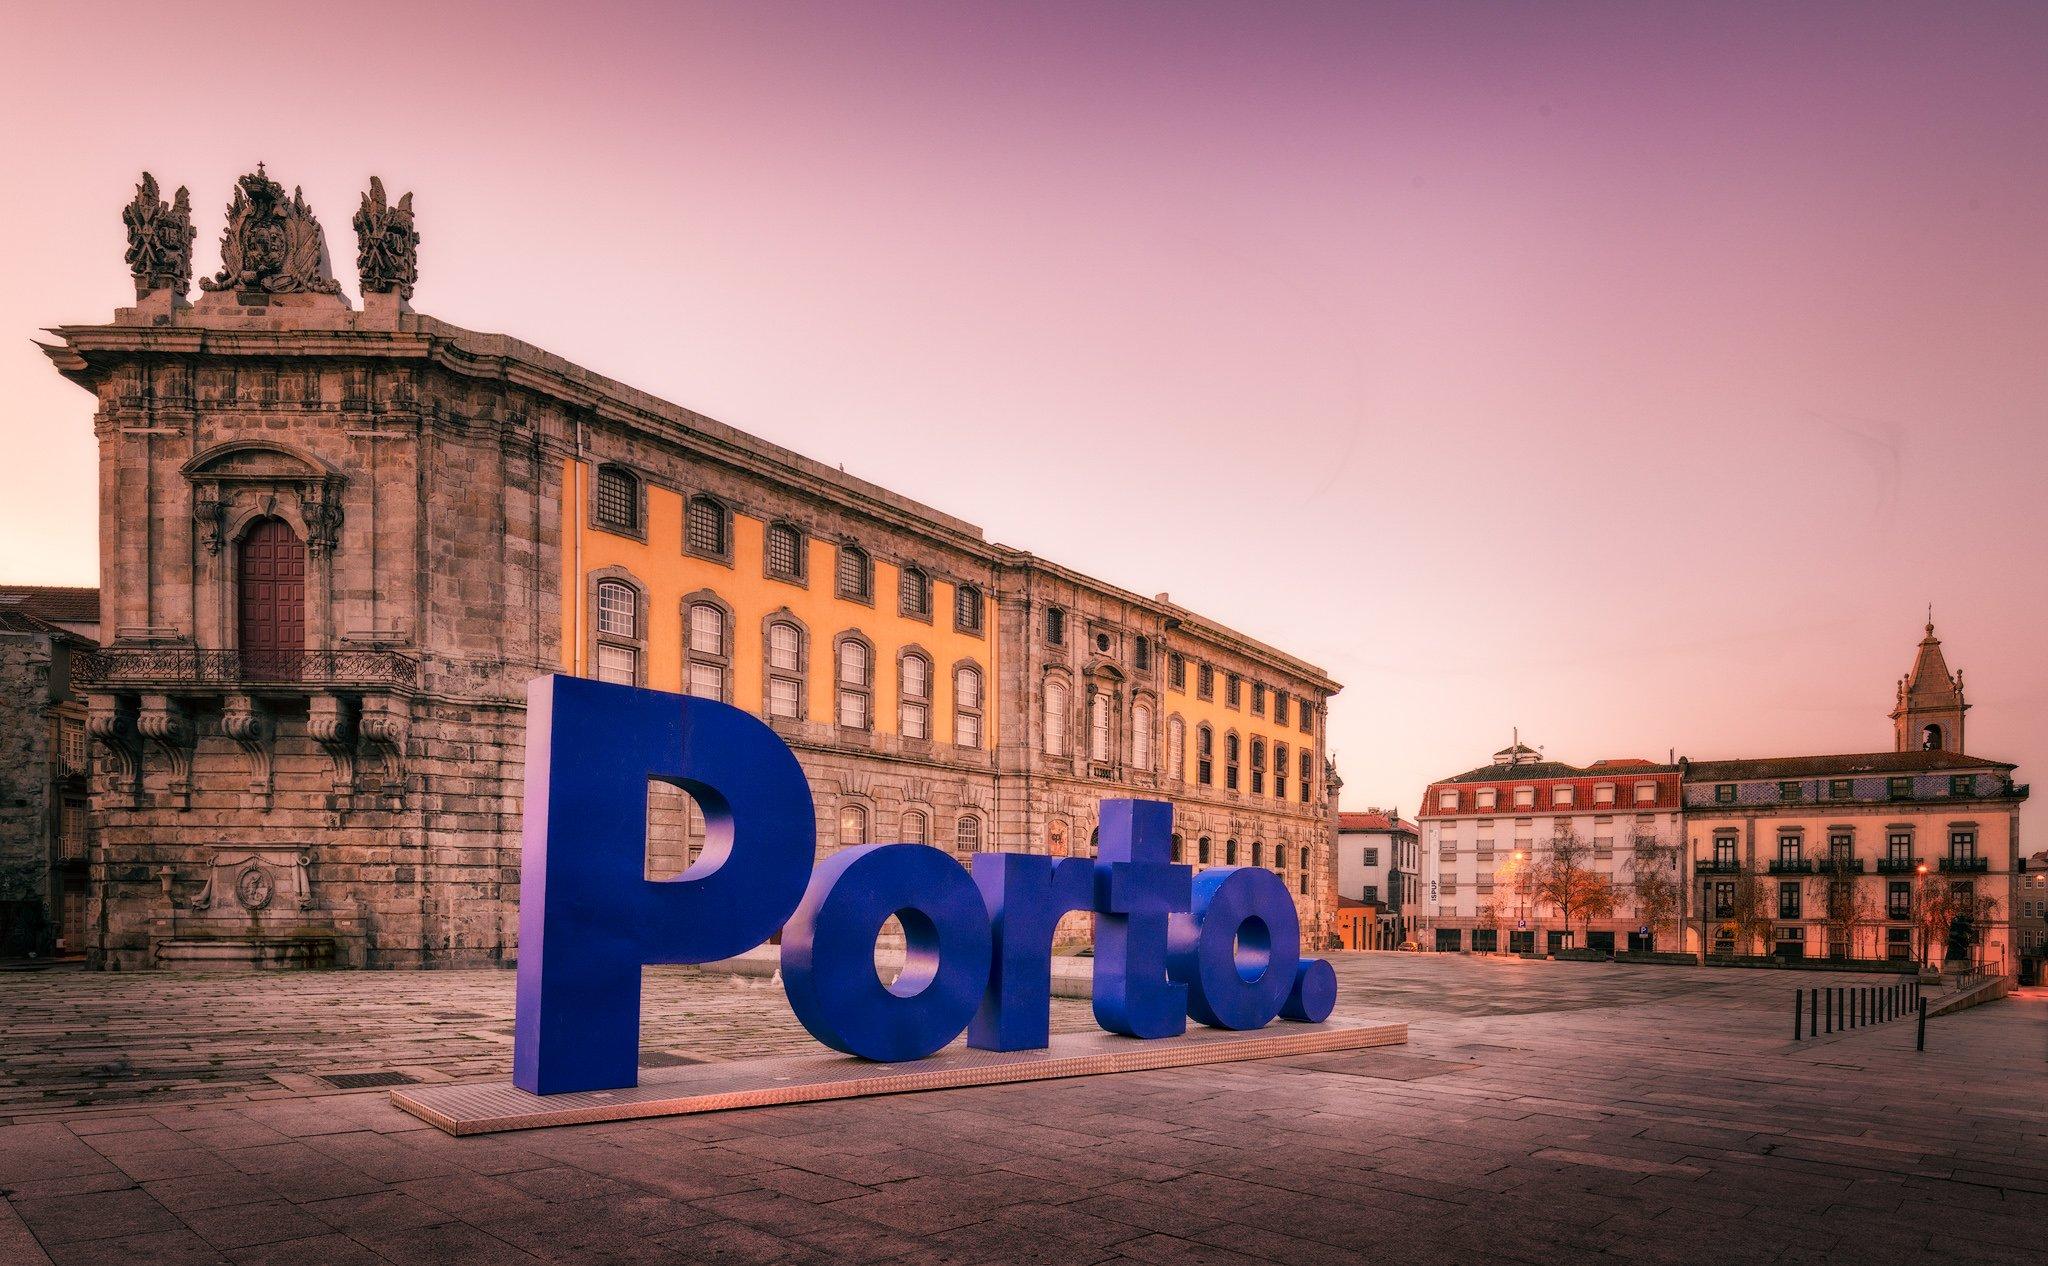 Porto Stadtzentrum, klarer Himmel und das Schild von Porto; Portugal